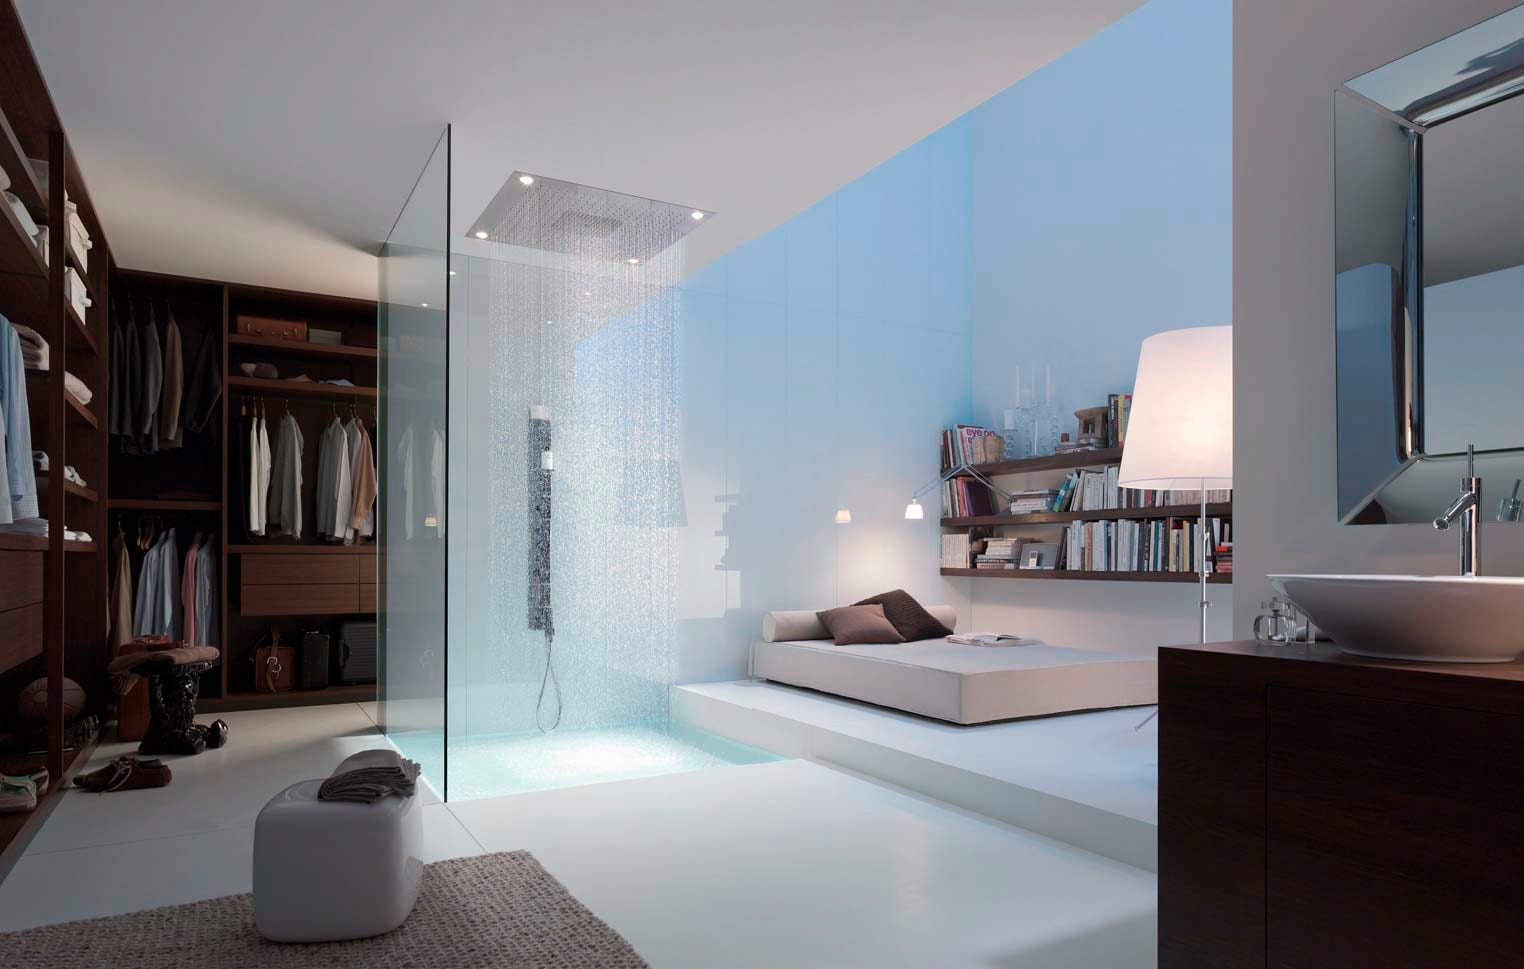 moderne Schlafzimmer Einrichtungsidee mit dusche und Ankleiderraum im schlafzimmer